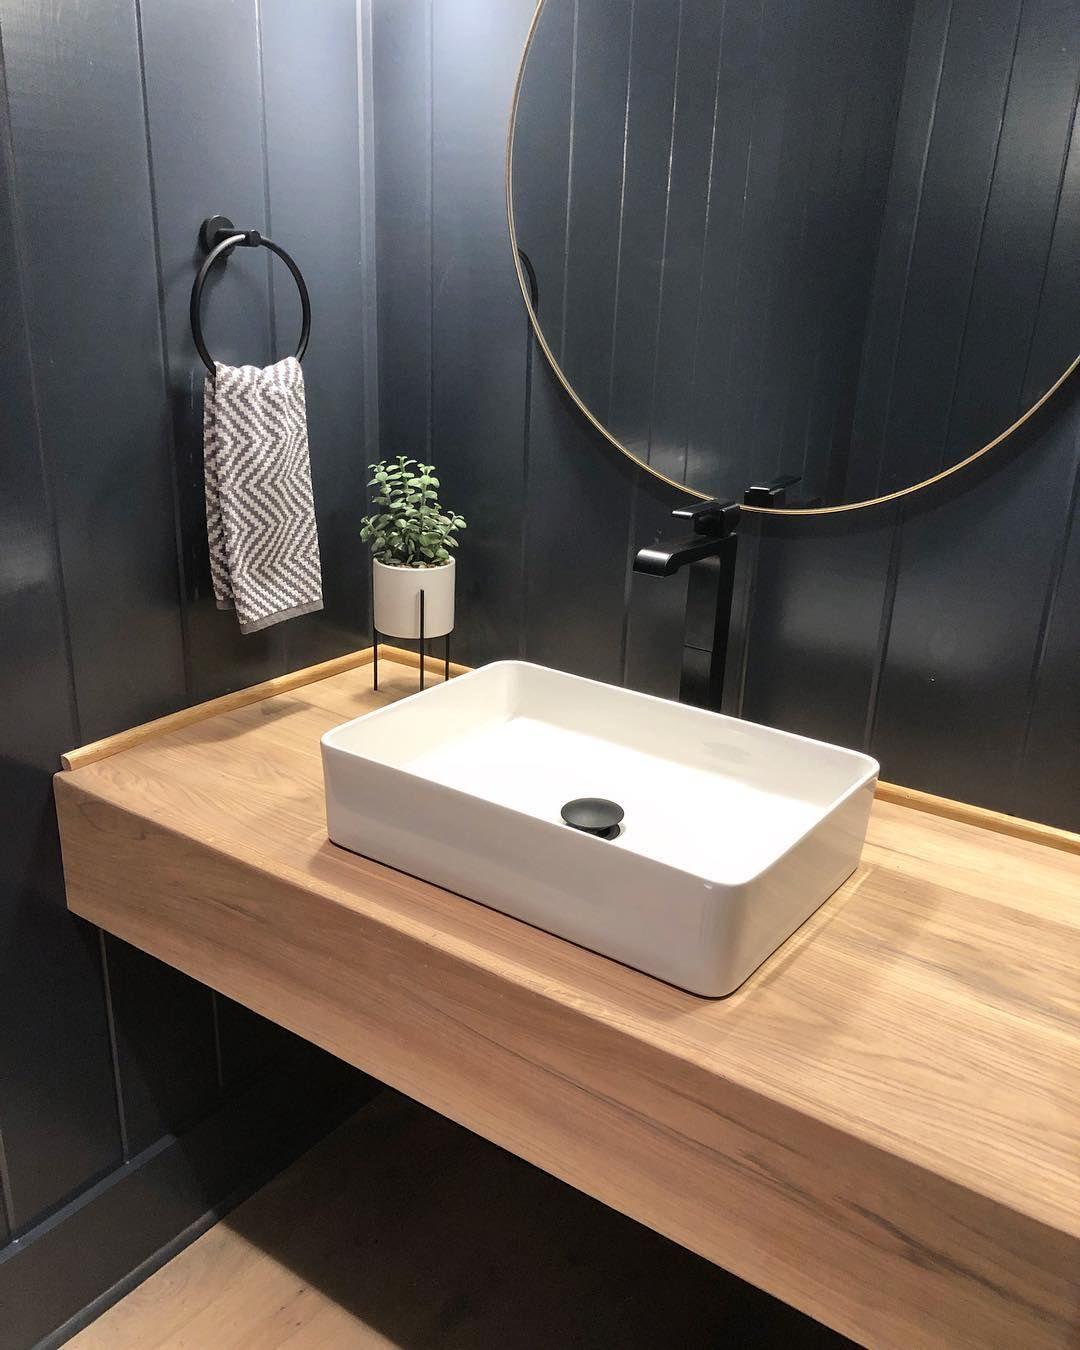 Clay Tate Nashville On Instagram Powder Bath Who Wouldn T Love A Powder Bath Like T Bathroom Sink Design Small Bathroom Sinks Vessel Sink Bathroom Vanity